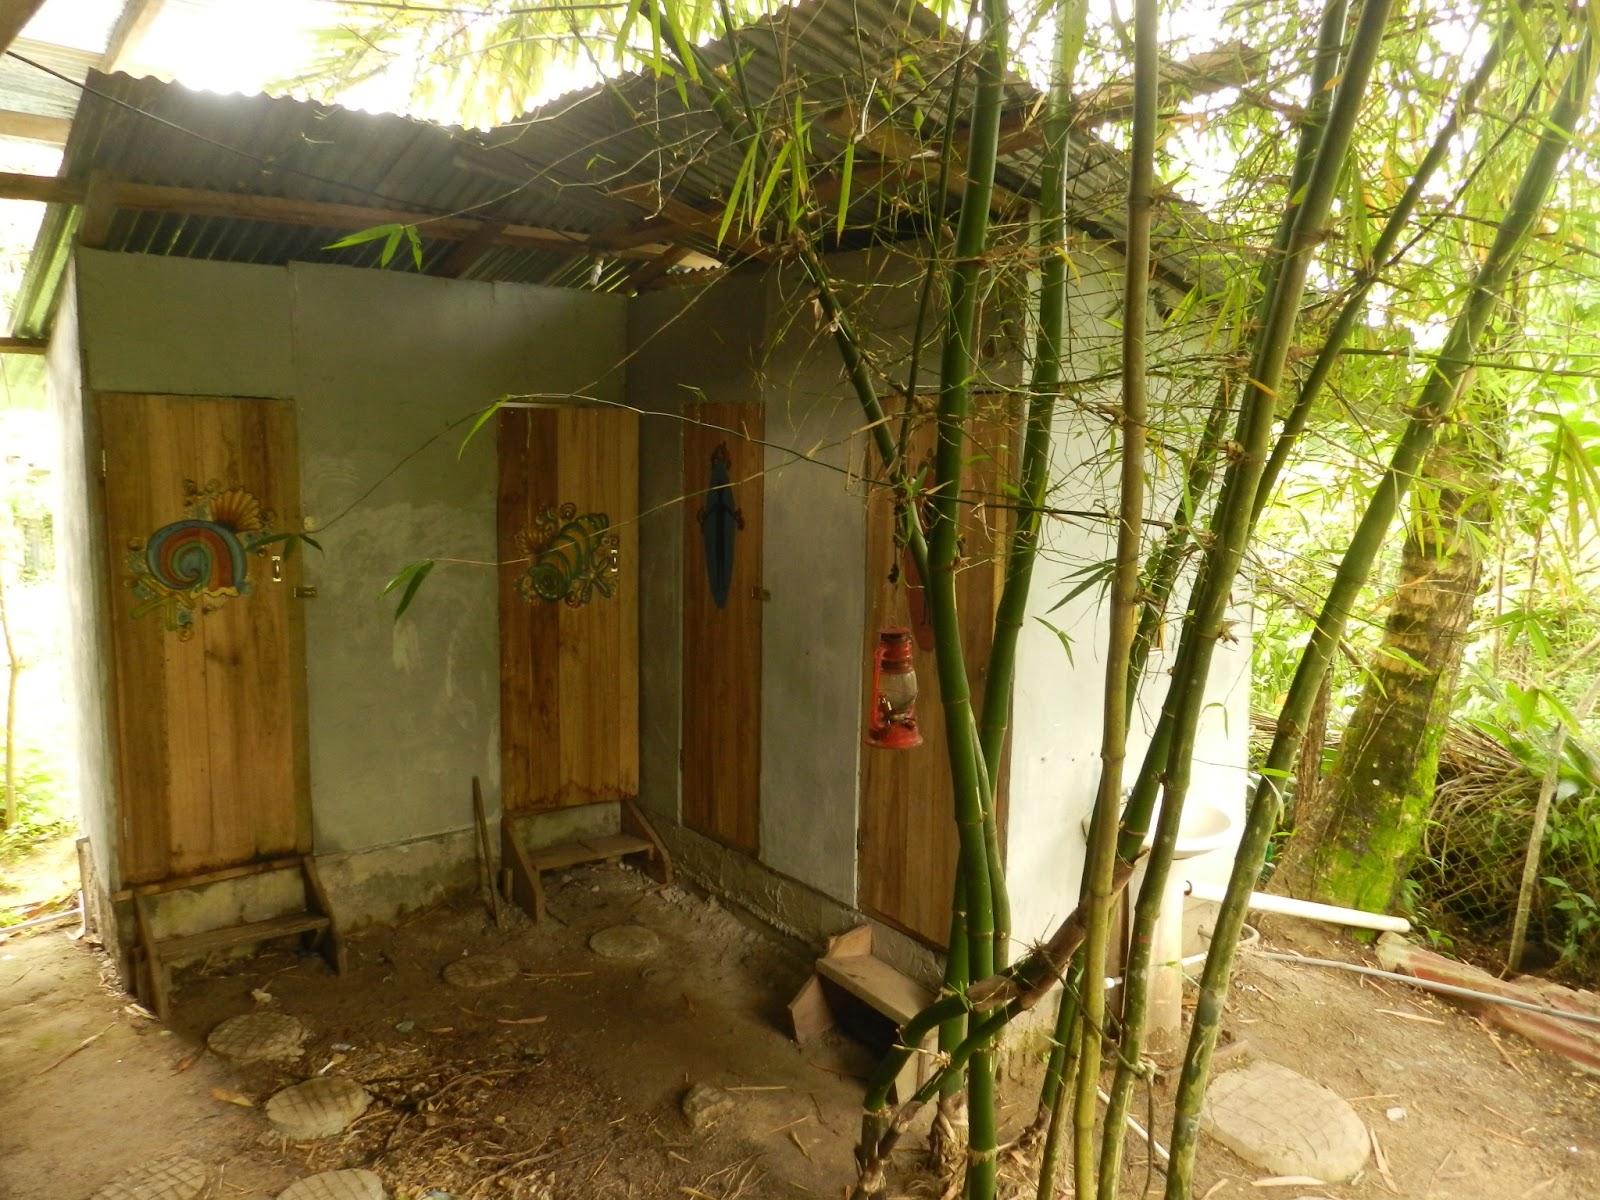 Estos son los baños y las duchas. Nosotros nos los encontramos un poco más deteriorados que en la foto, pero igualmente limpios y en total armonía con el entorno.